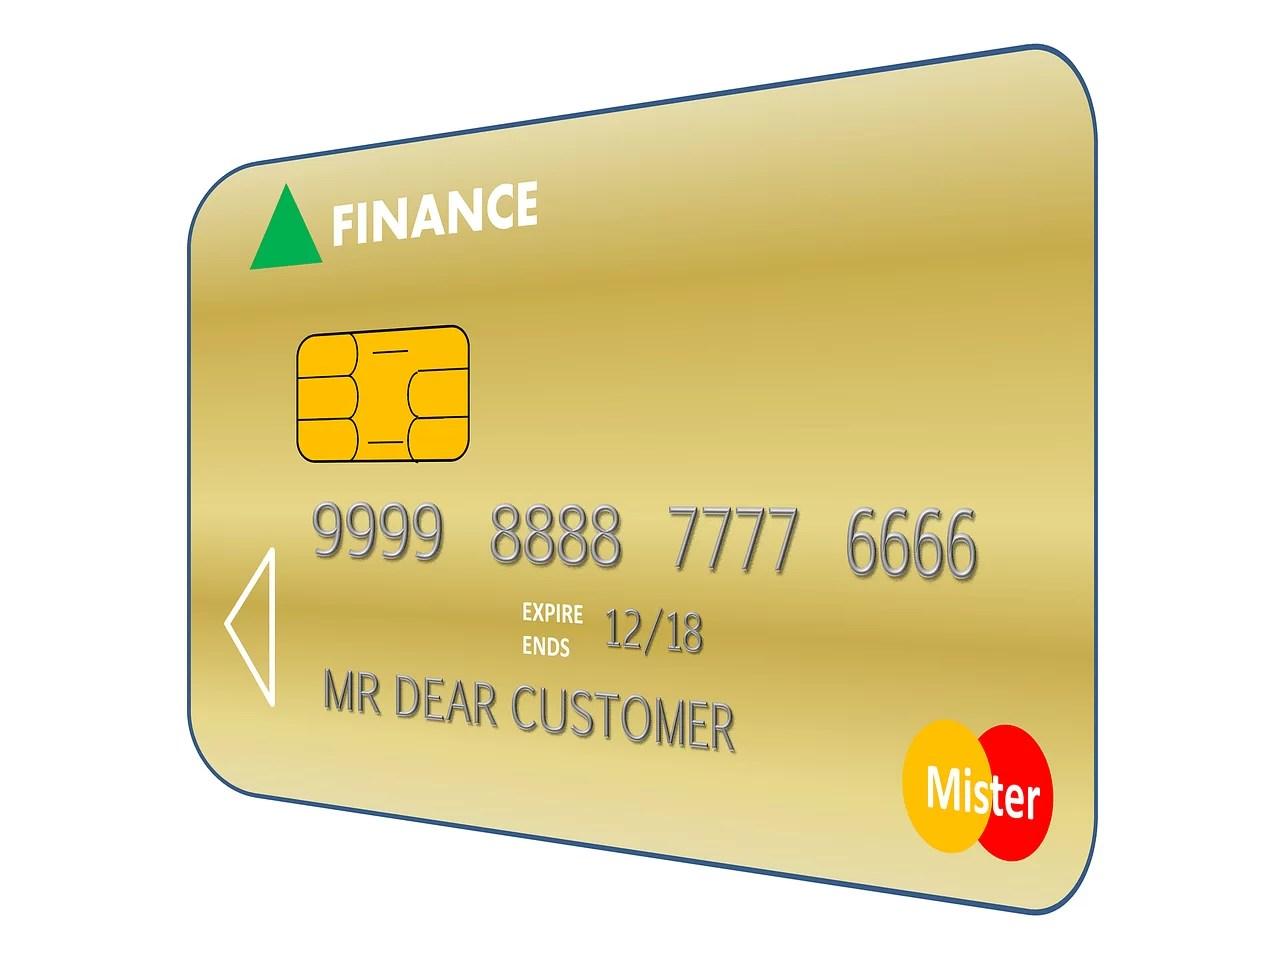 【auユーザー必見?】auウォレットゴールドカードのゴールド特典は本当にお得なのか?